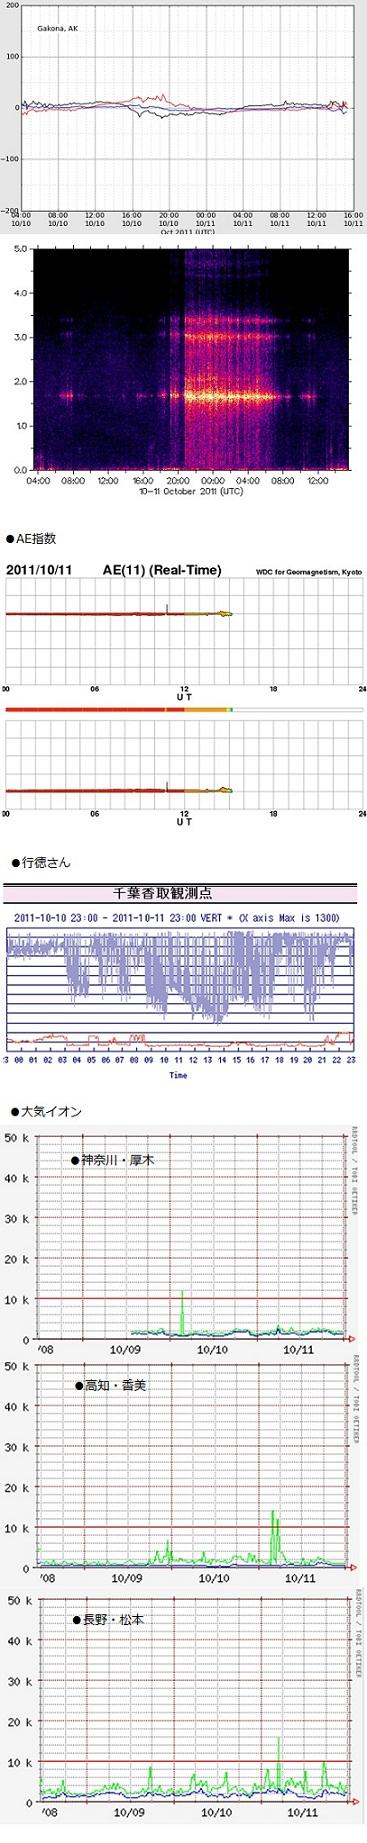 1012-1 データ